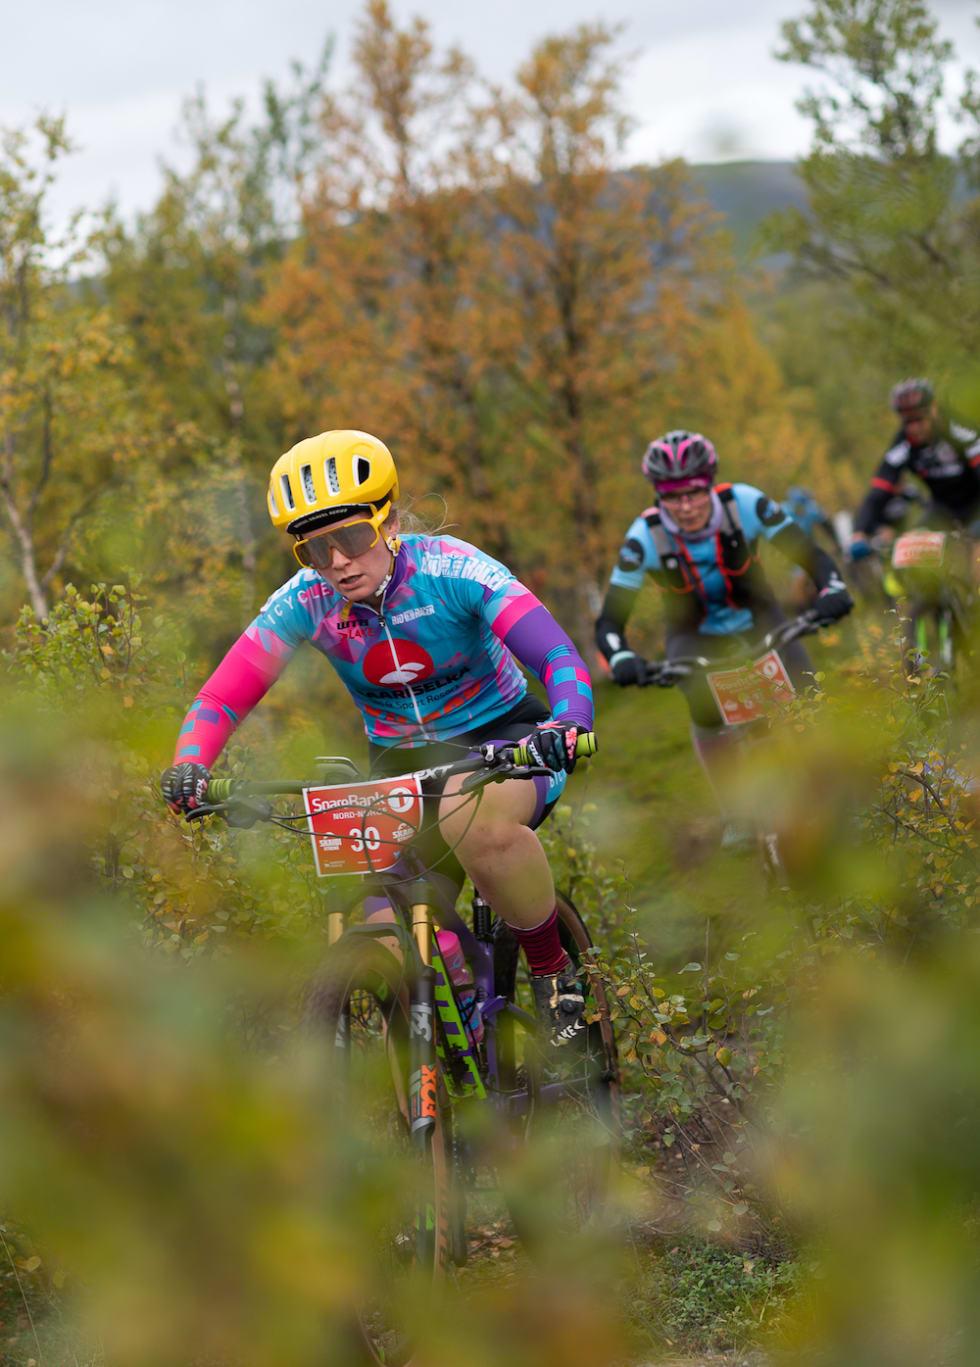 Tina Idström har vært på pallen i Skaidi Xtreme før. I år ble hun nummer to i eliteklassen, men fjerde raskeste dame. Foto: Cecilia Emilie Johansen, Frikant/Skaidi Xtreme